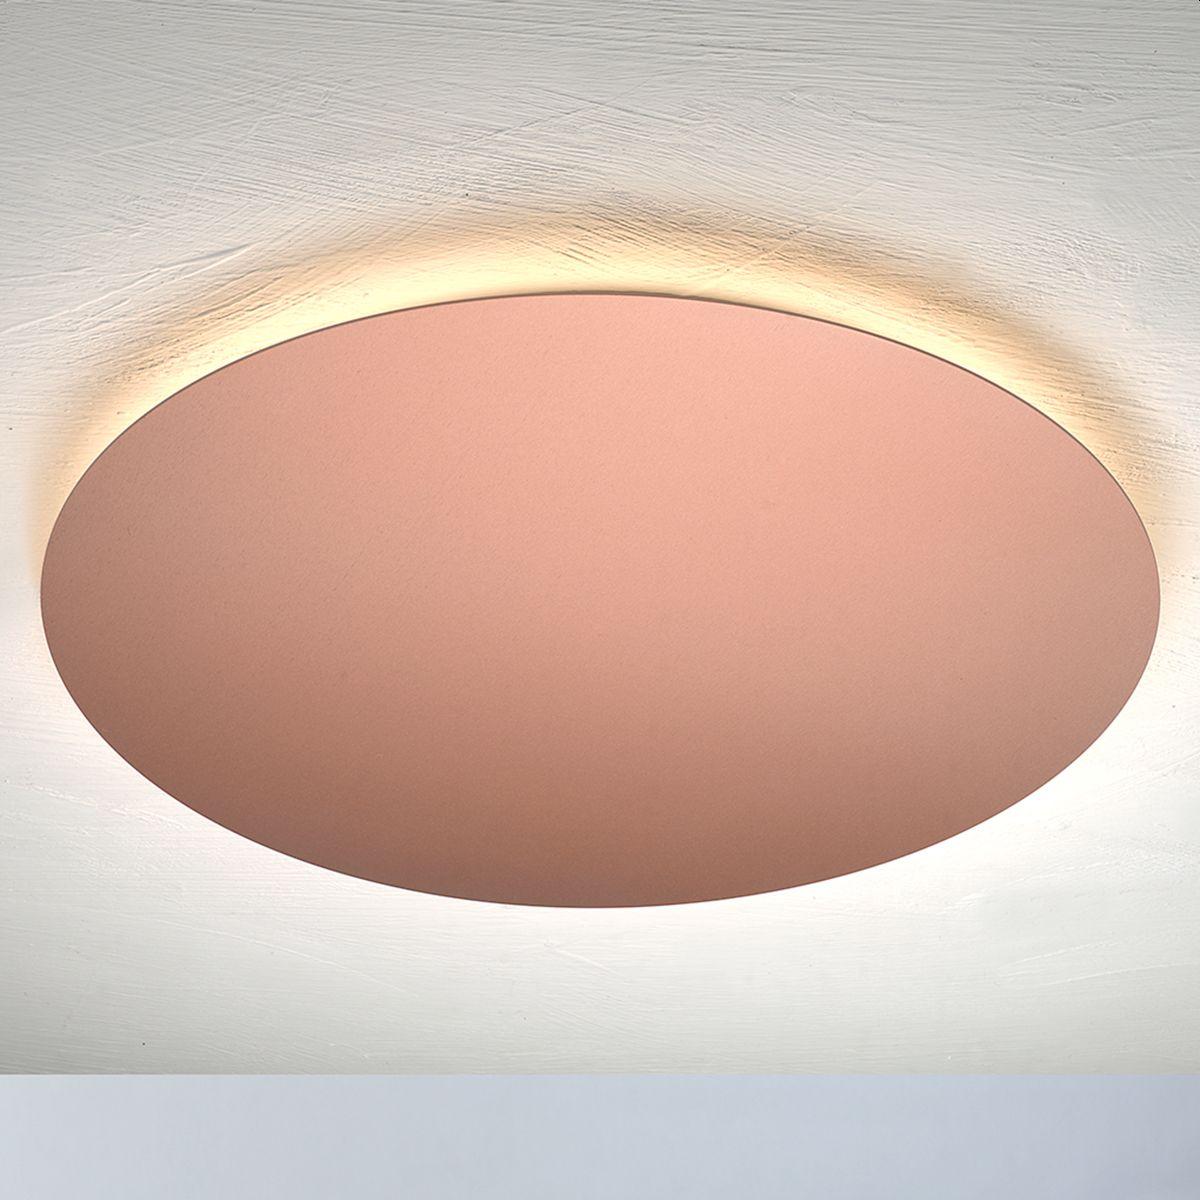 Serie BLADE VON ESCALE LEUCHTEN von Escale Leuchten von Escale Leuchten Blade Deckenleuchte-rosé matt 69180209